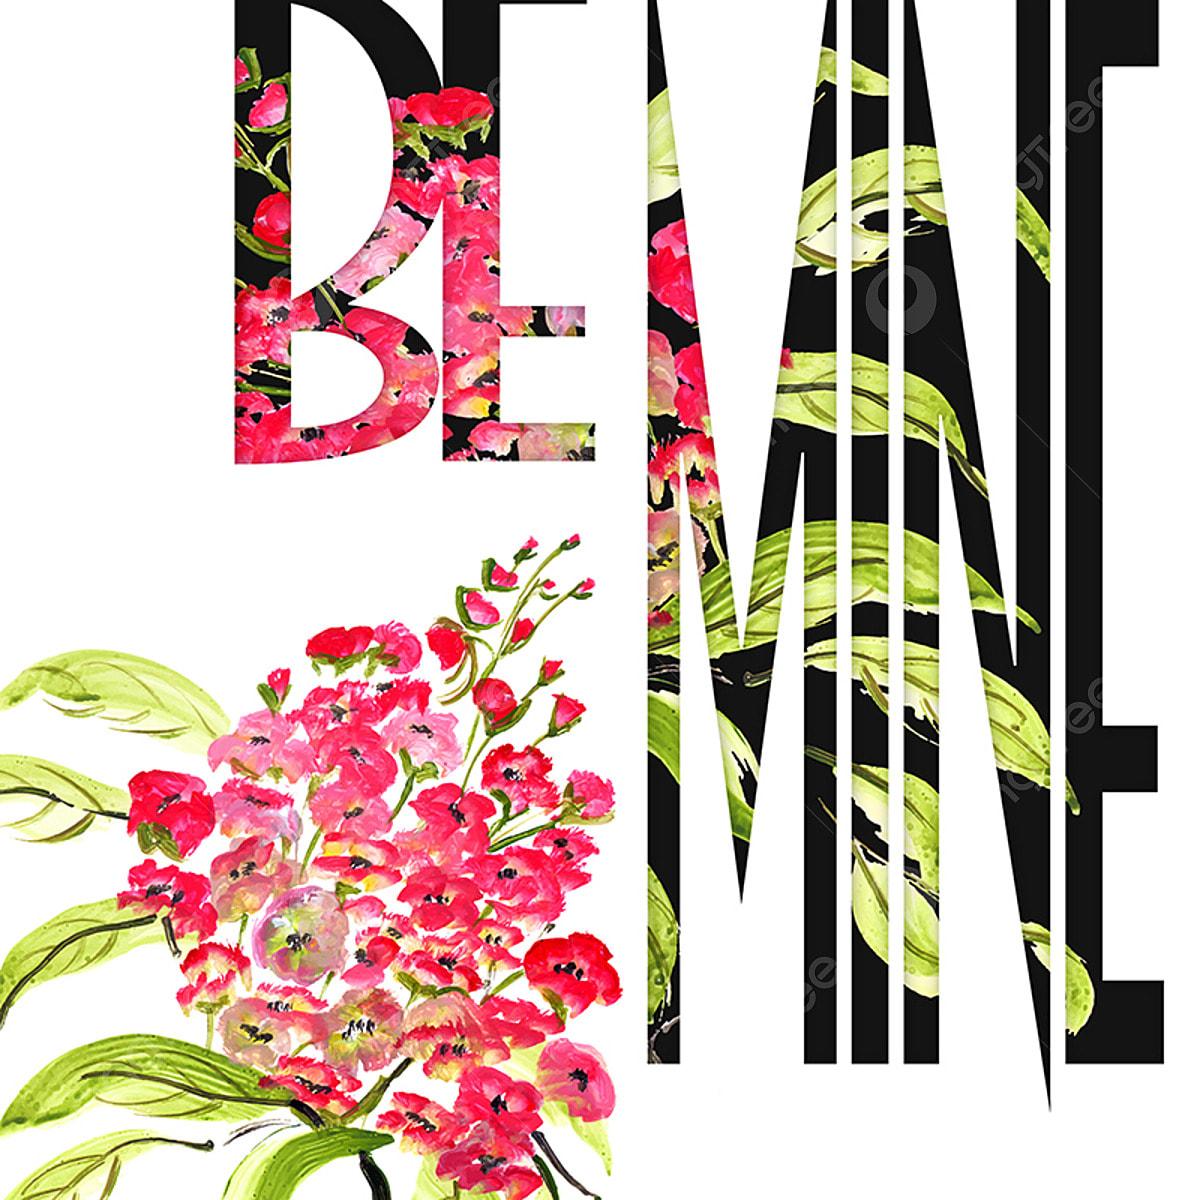 2月12 水彩画の花のカード イラスト 背景画像素材の無料ダウンロードの